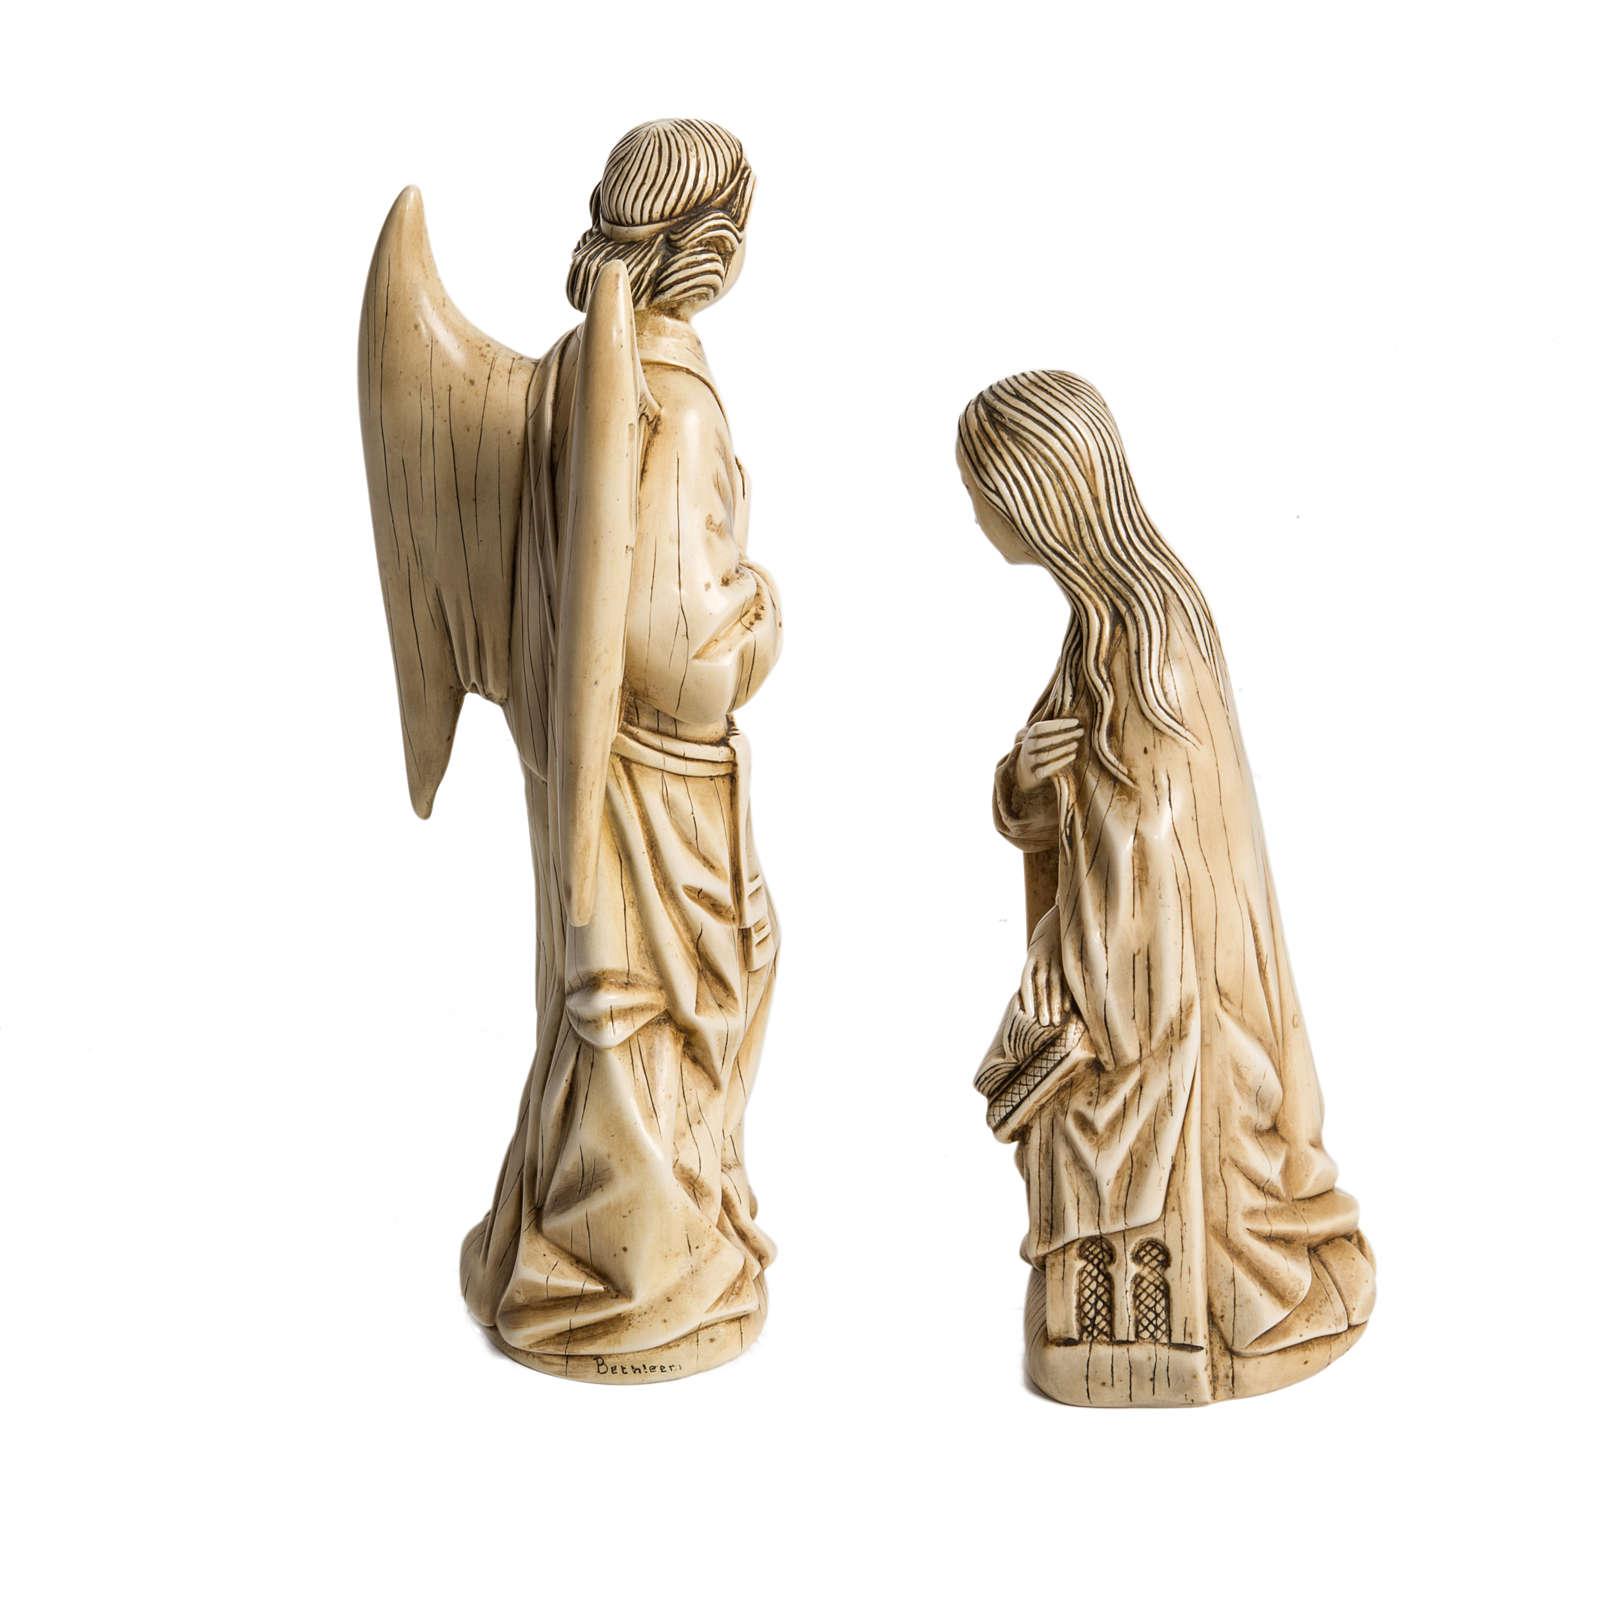 Verkündigung Mariä elfenbeinfarben 29cm, Bethlé 4